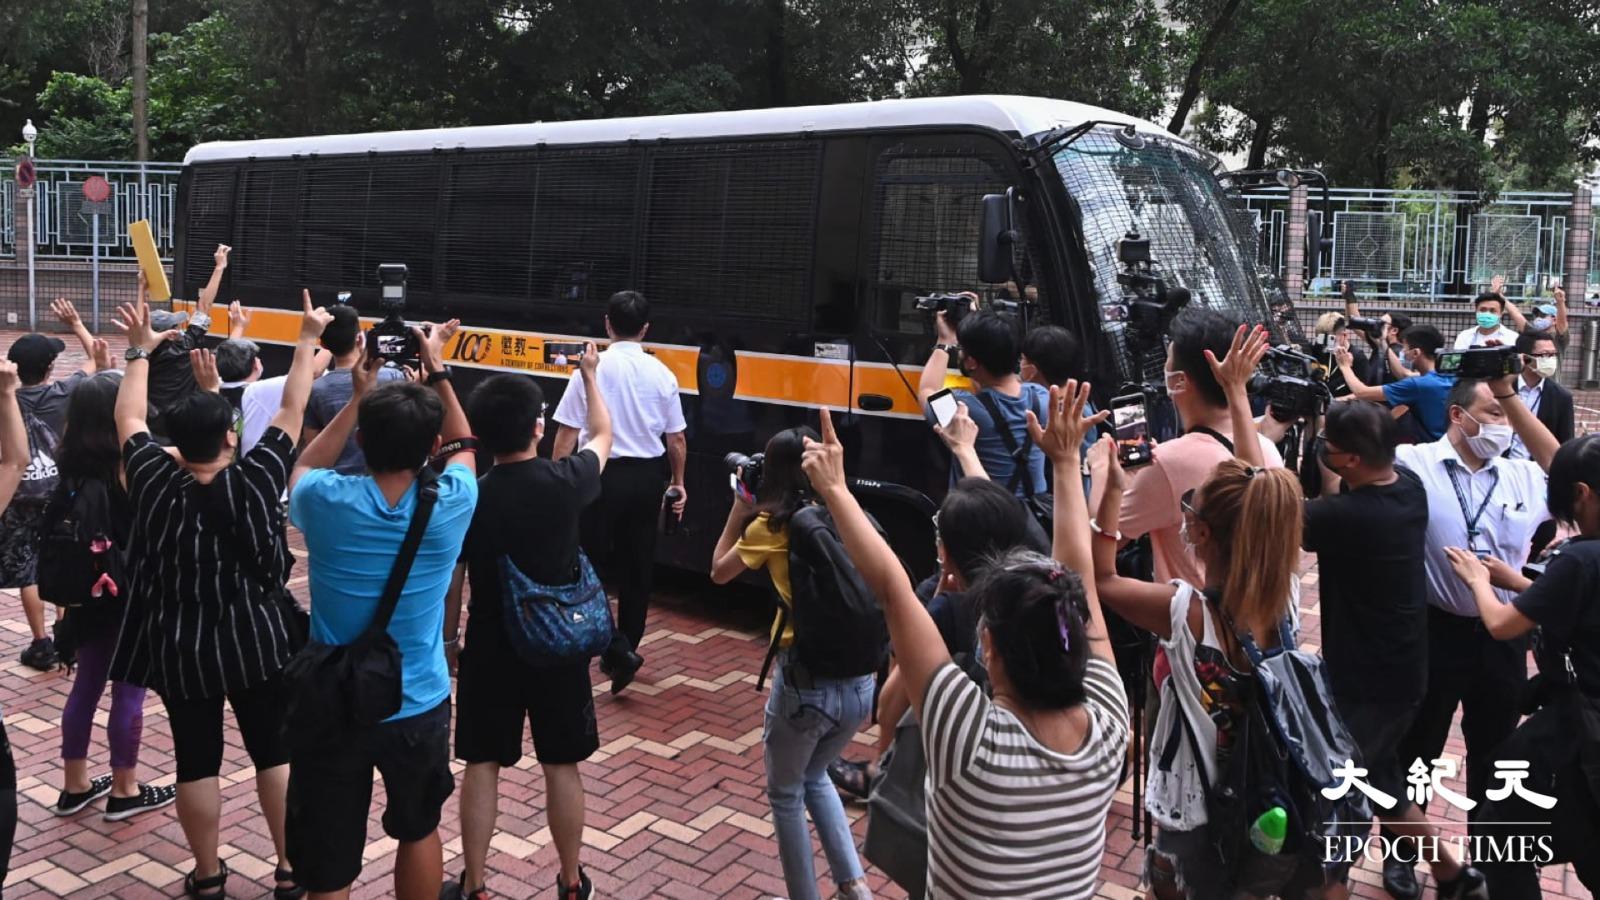 當接載快必的囚車駛離法院時,現場市民紛紛上前聲援。(宋碧龍/大紀元)